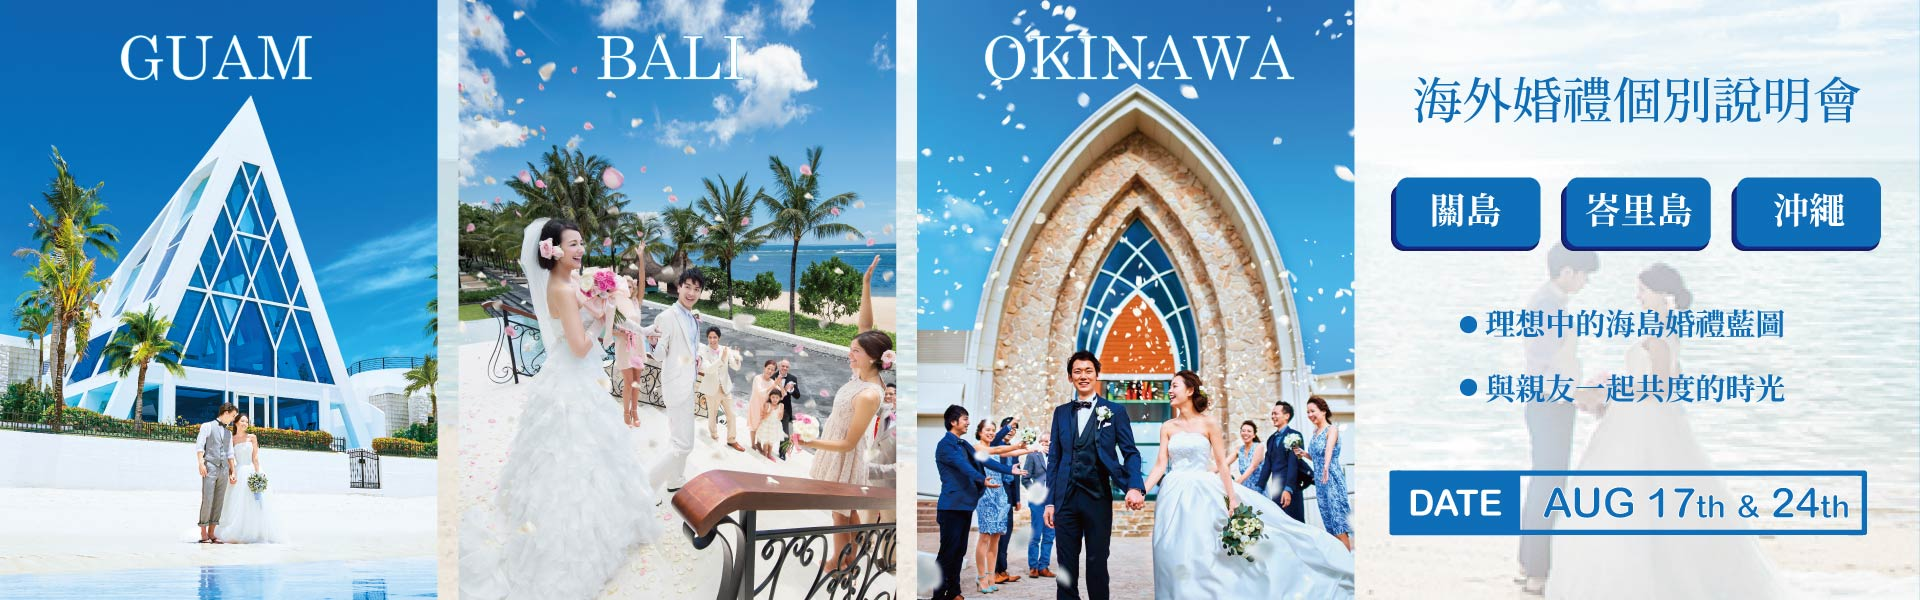 8月活動:海外婚禮個別說明會